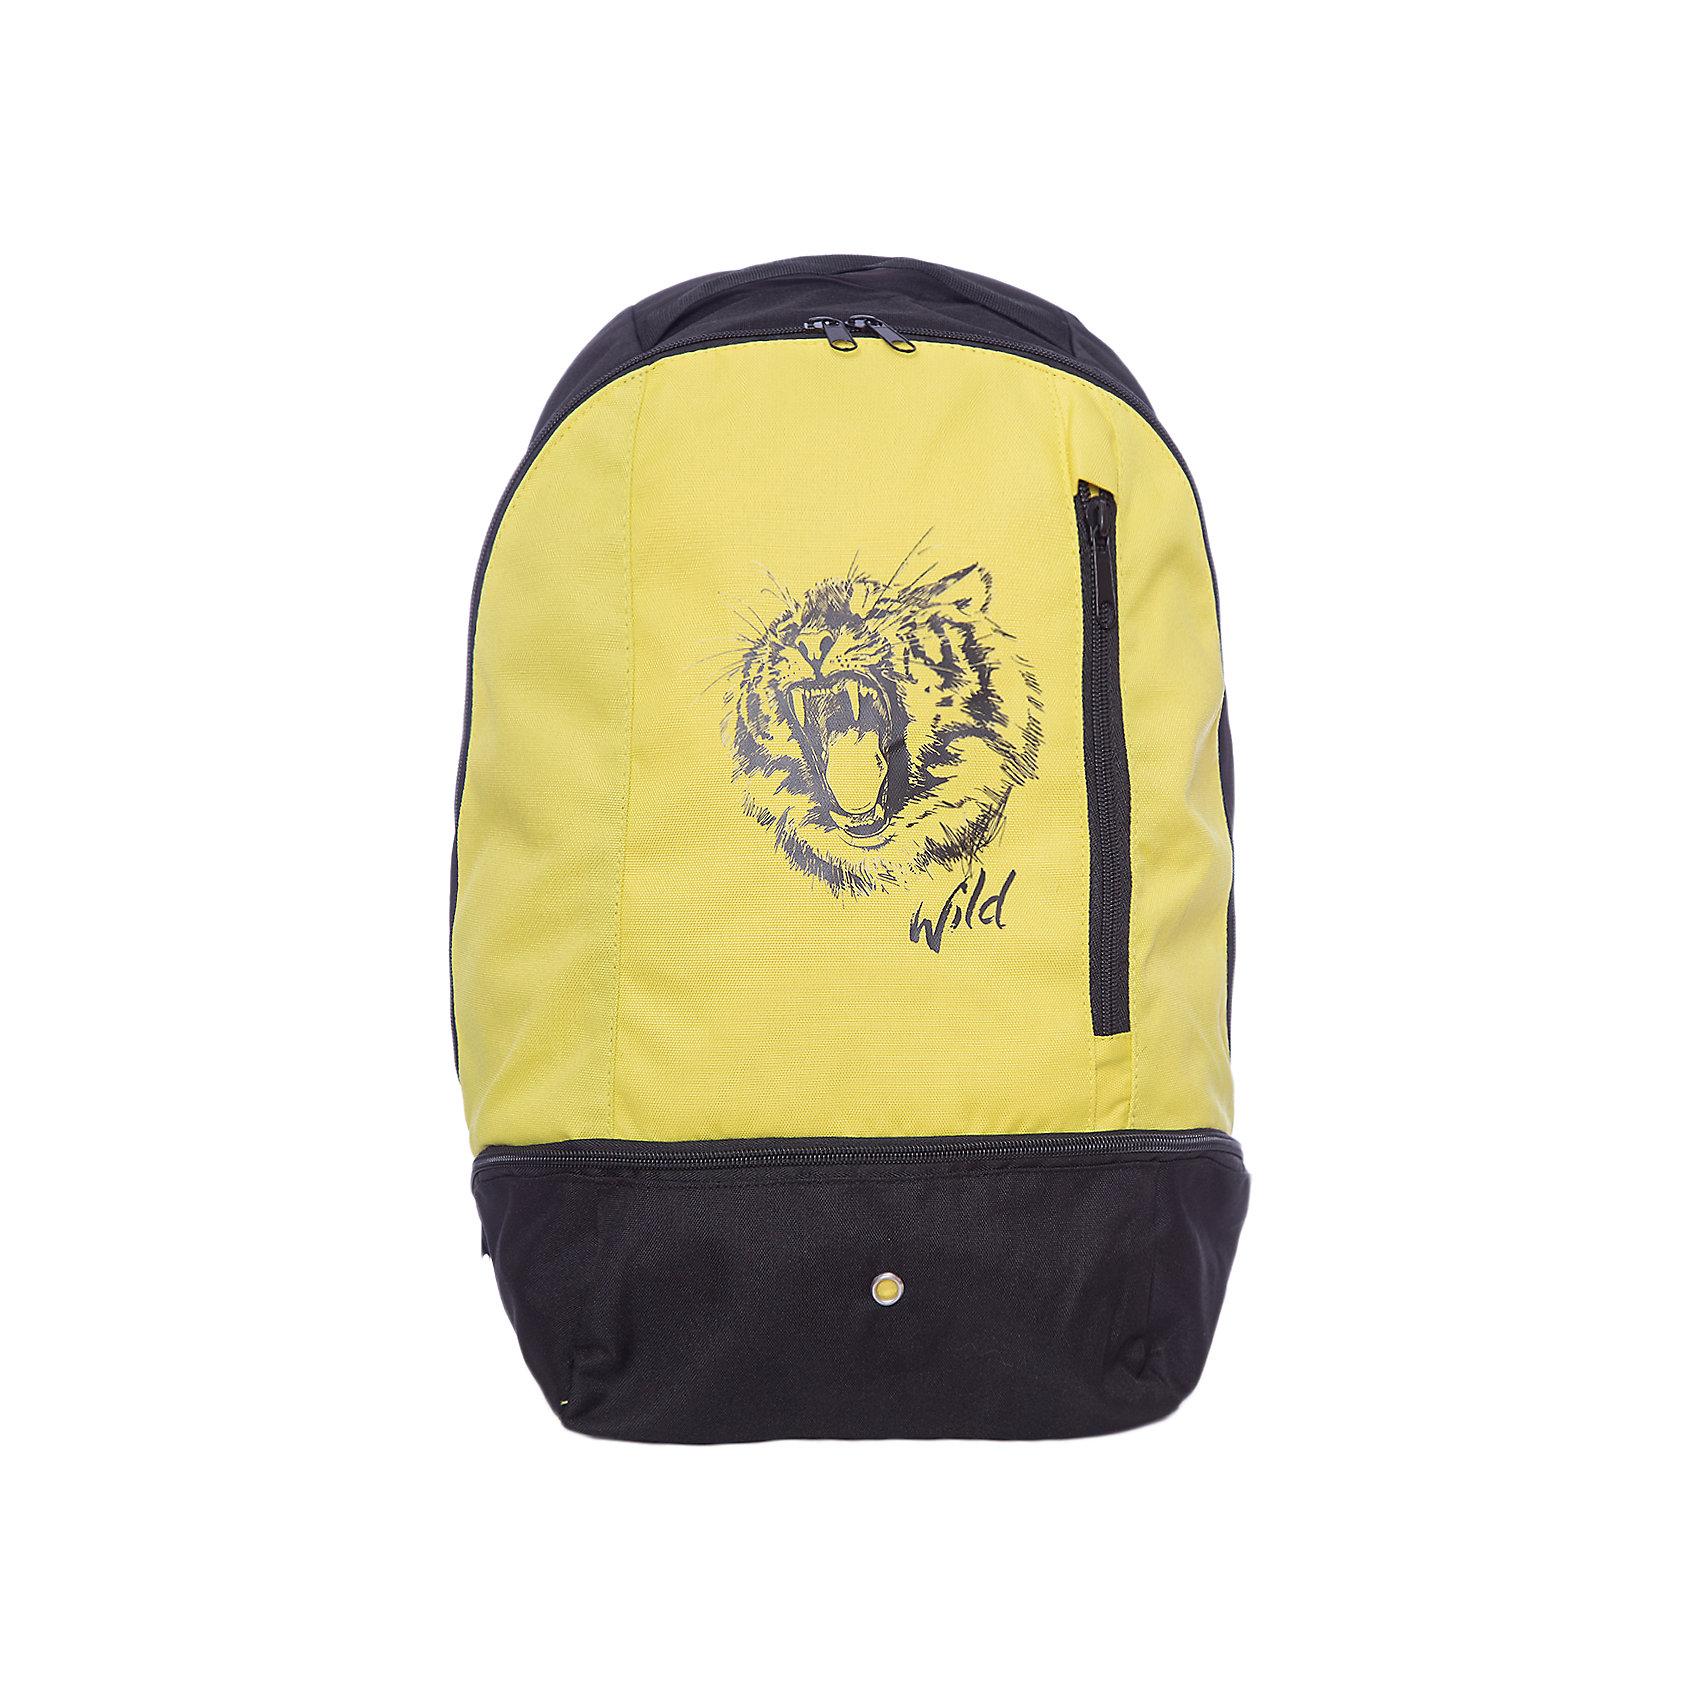 Рюкзак Scool для мальчикаАксессуары<br>Характеристики товара:<br><br>• цвет: черный/желтый;<br>• состав; 100% полиэстер;<br>• подкладка: 100% полиэстер;<br>• застежка: молния;<br>• широкие, удобные регулируемые лямки;<br>• без съемного внутреннего сапожка;<br>• внутри дополнительный вкладной мешок для обуви;<br>• два внешних кармана на молнии;<br>• страна бренда: Германия;<br>• страна изготовитель: Китай.<br><br>Удобный рюкзак в стиле милитари с забавным принтом. Внутри дополнительный вкладной мешок, в который можно класть обувь. Рюкзак застегивается на молнию, лямки можно регулировать.<br><br>Рюкзак Scool для мальчика (Скул) можно купить в нашем интернет-магазине.<br><br>Ширина мм: 227<br>Глубина мм: 11<br>Высота мм: 226<br>Вес г: 350<br>Цвет: белый<br>Возраст от месяцев: 96<br>Возраст до месяцев: 168<br>Пол: Мужской<br>Возраст: Детский<br>Размер: one size<br>SKU: 7104656